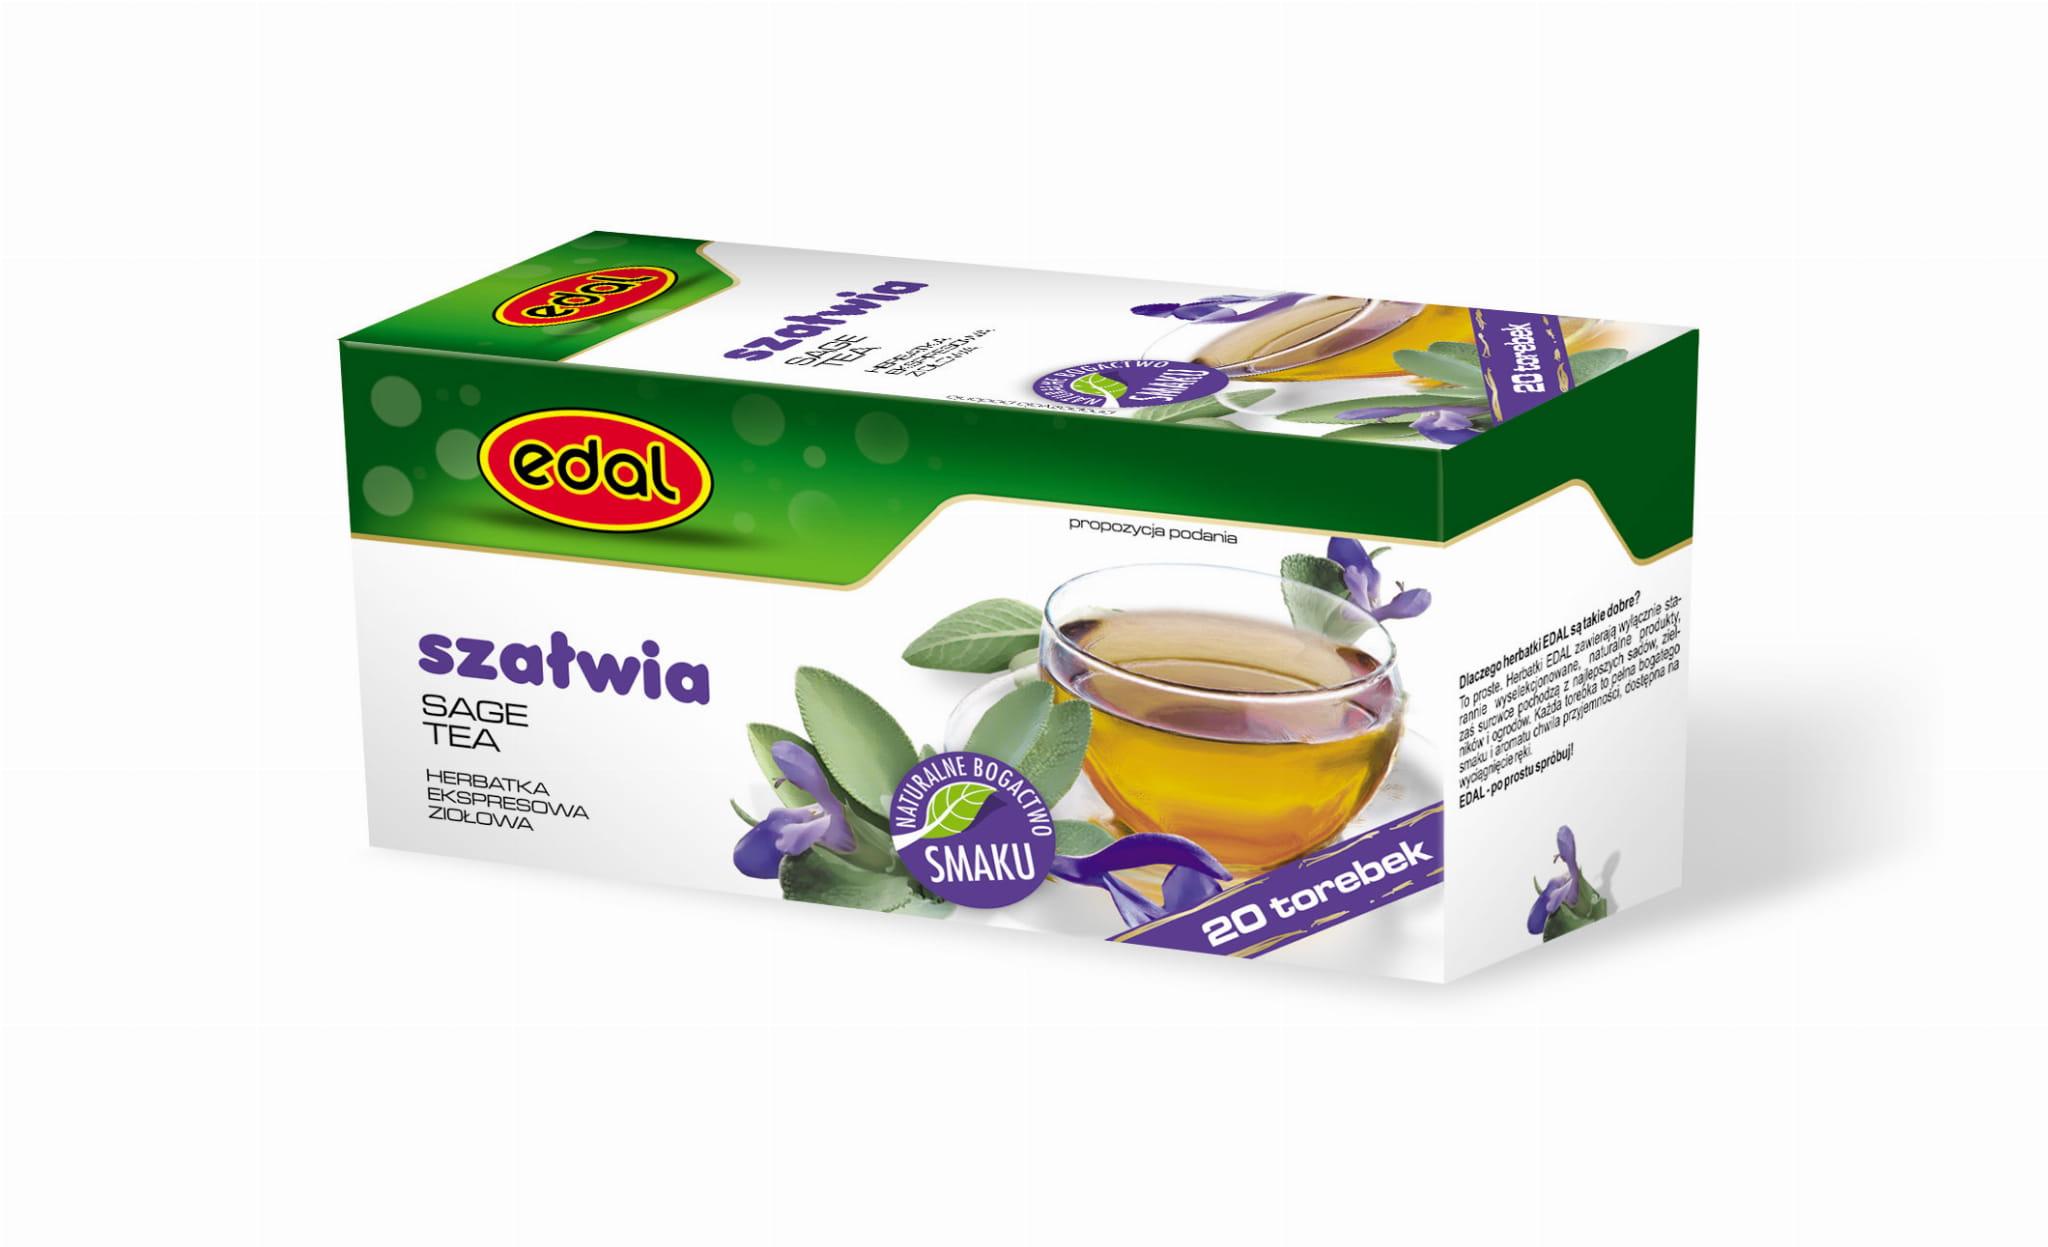 Herbatka ekspresowa ziołowa Szałwia 30 g Edal